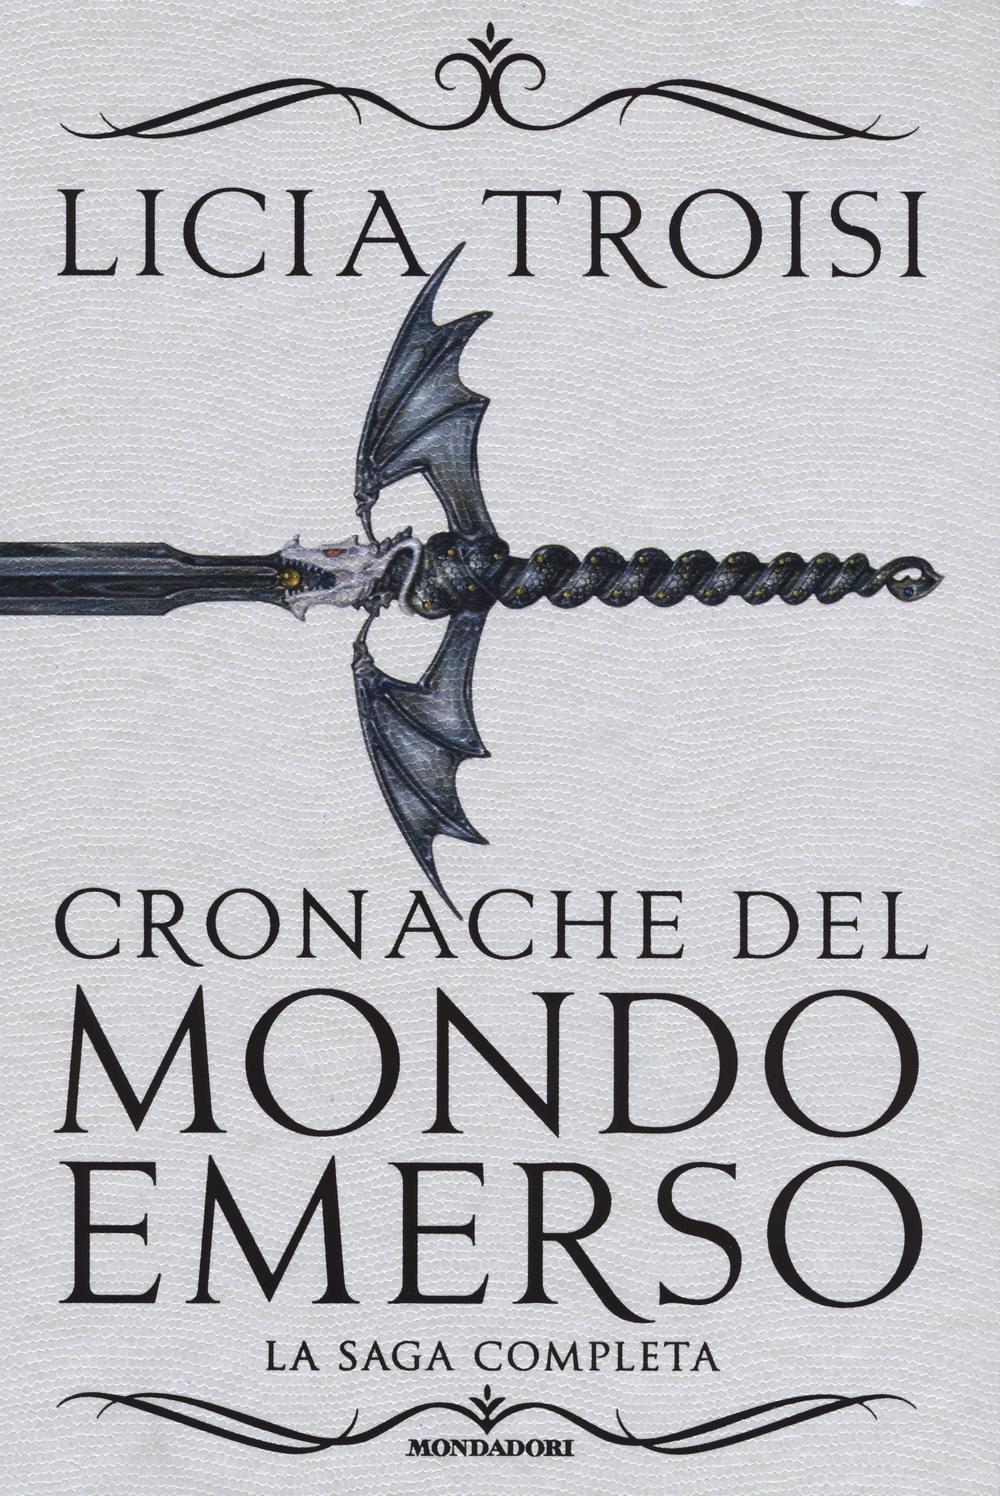 CRONACHE DEL MONDO EMERSO. LA SAGA COMPLETA - 9788804669920